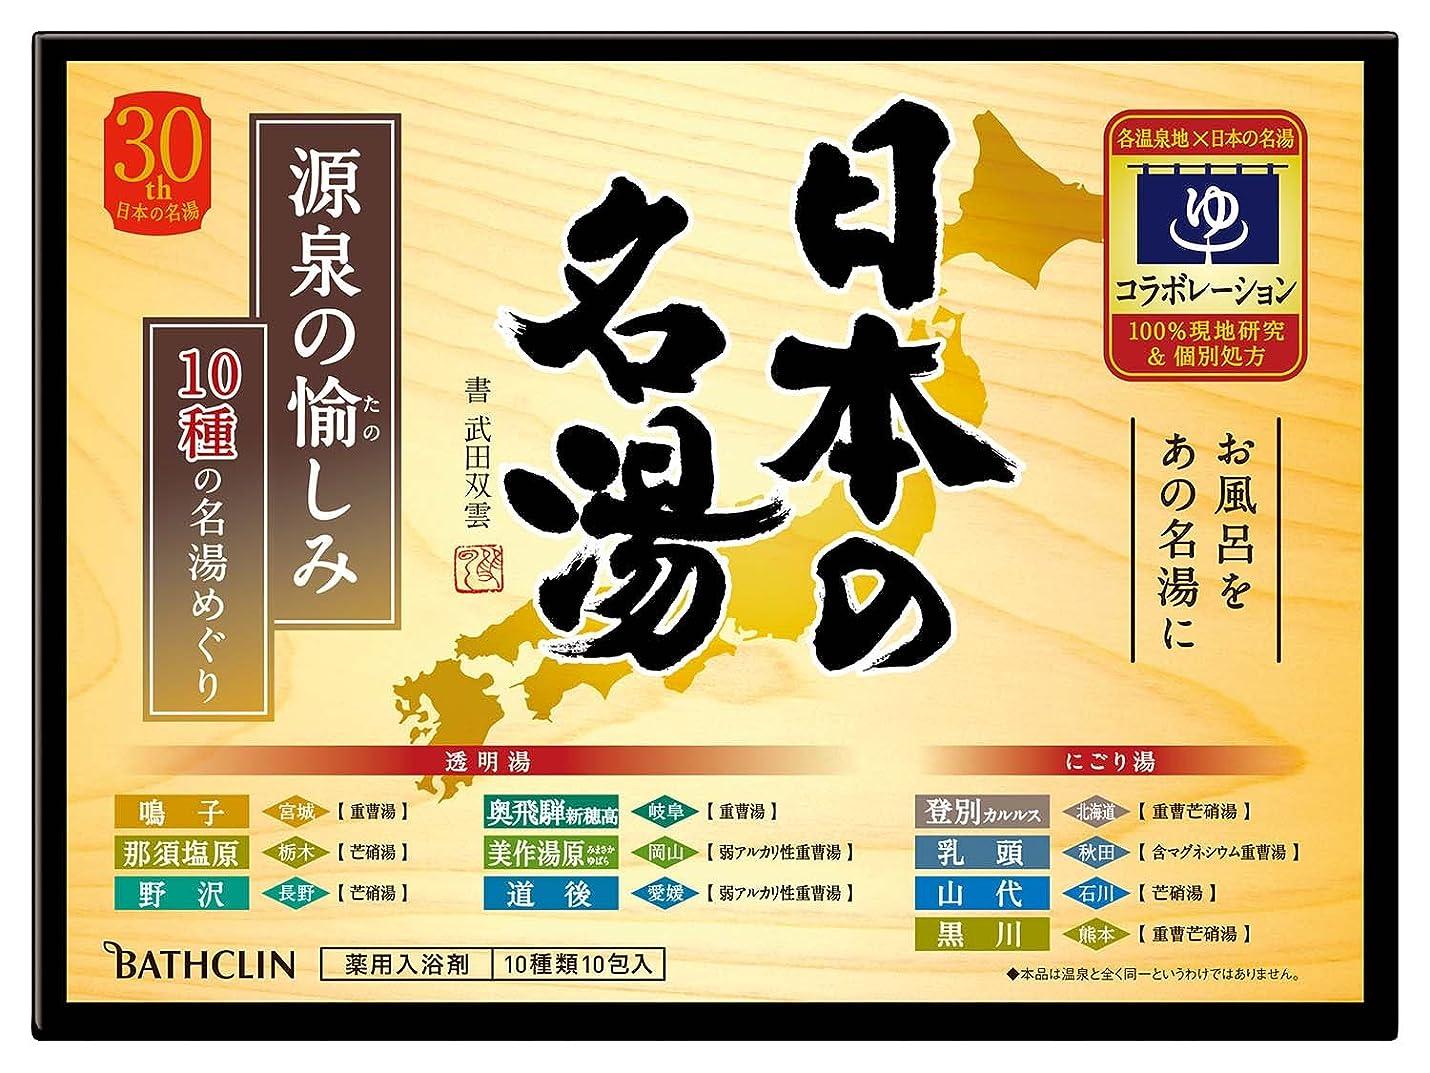 引用物理的にエコー【医薬部外品】日本の名湯入浴剤 源泉の愉しみ 30g ×10包 個包装 詰め合わせ 温泉タイプ